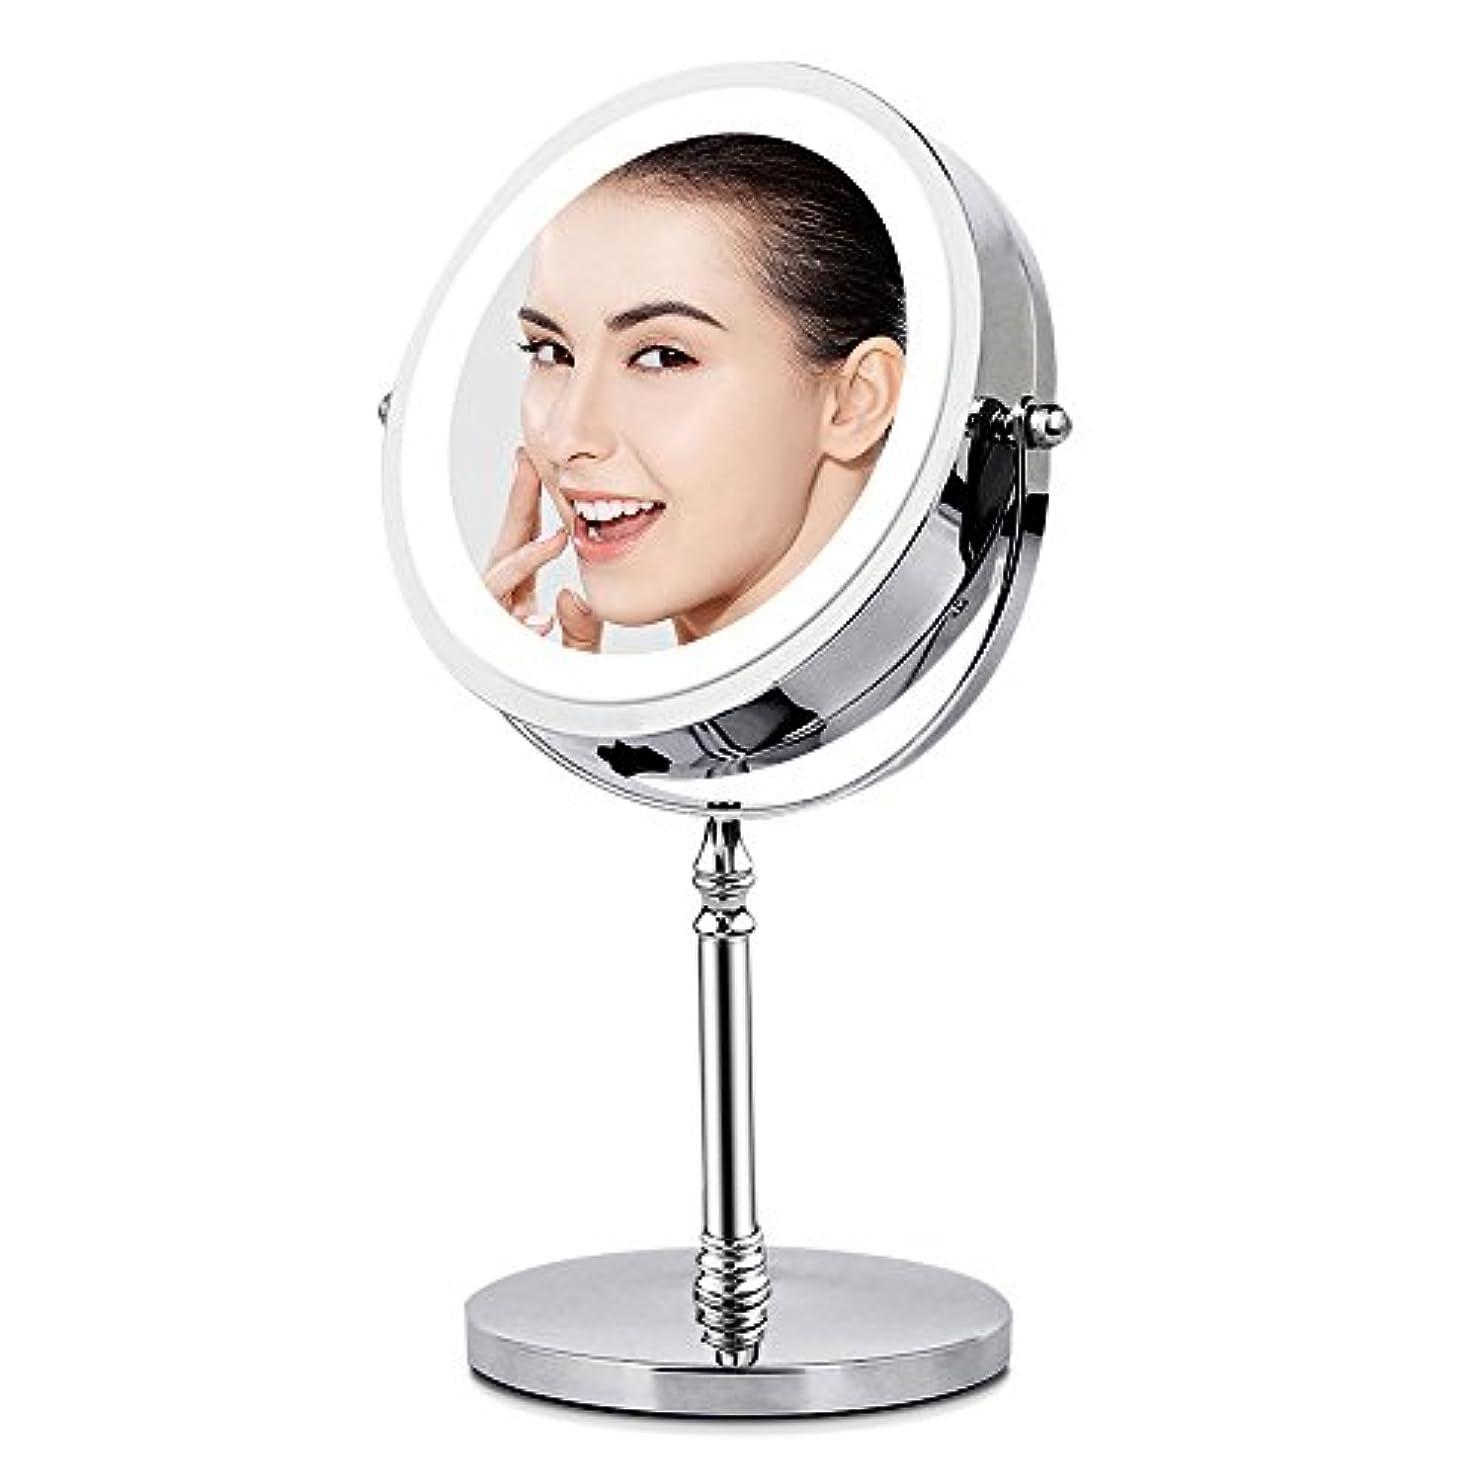 滅びる前任者テストBRIGHTINWD LED化粧鏡 「10倍拡大鏡&等倍鏡 LEDライト付き 360度回転」 卓上鏡 両面鏡 メイク道具 スタンドミラー 日本語取扱説明書付き